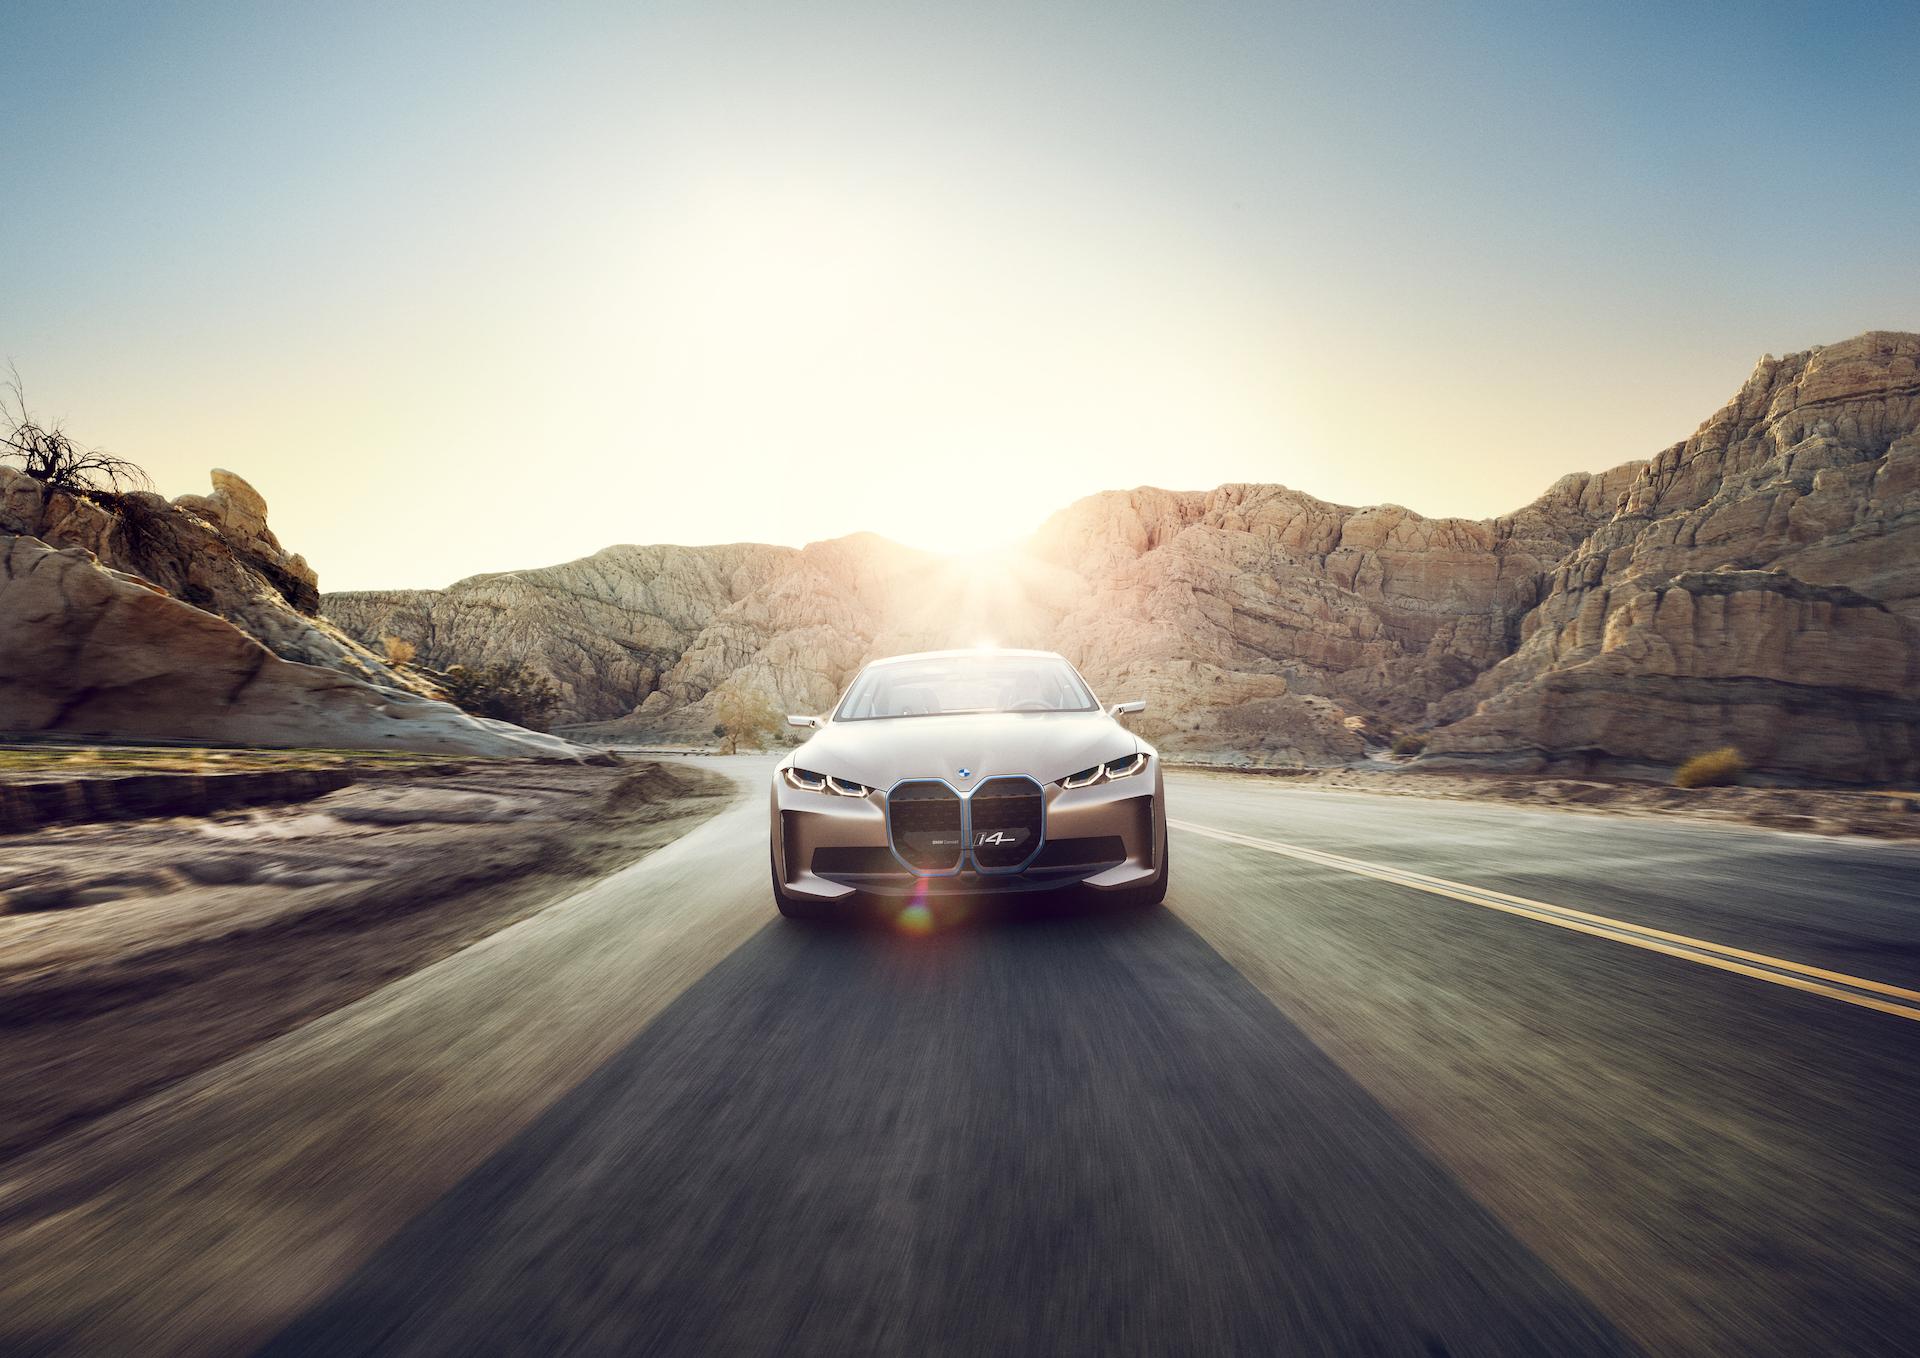 BMW stellt den neuen i4 vor: Ein Gran Coupé mit bis zu 530 PS und 600 km Reichweite 8